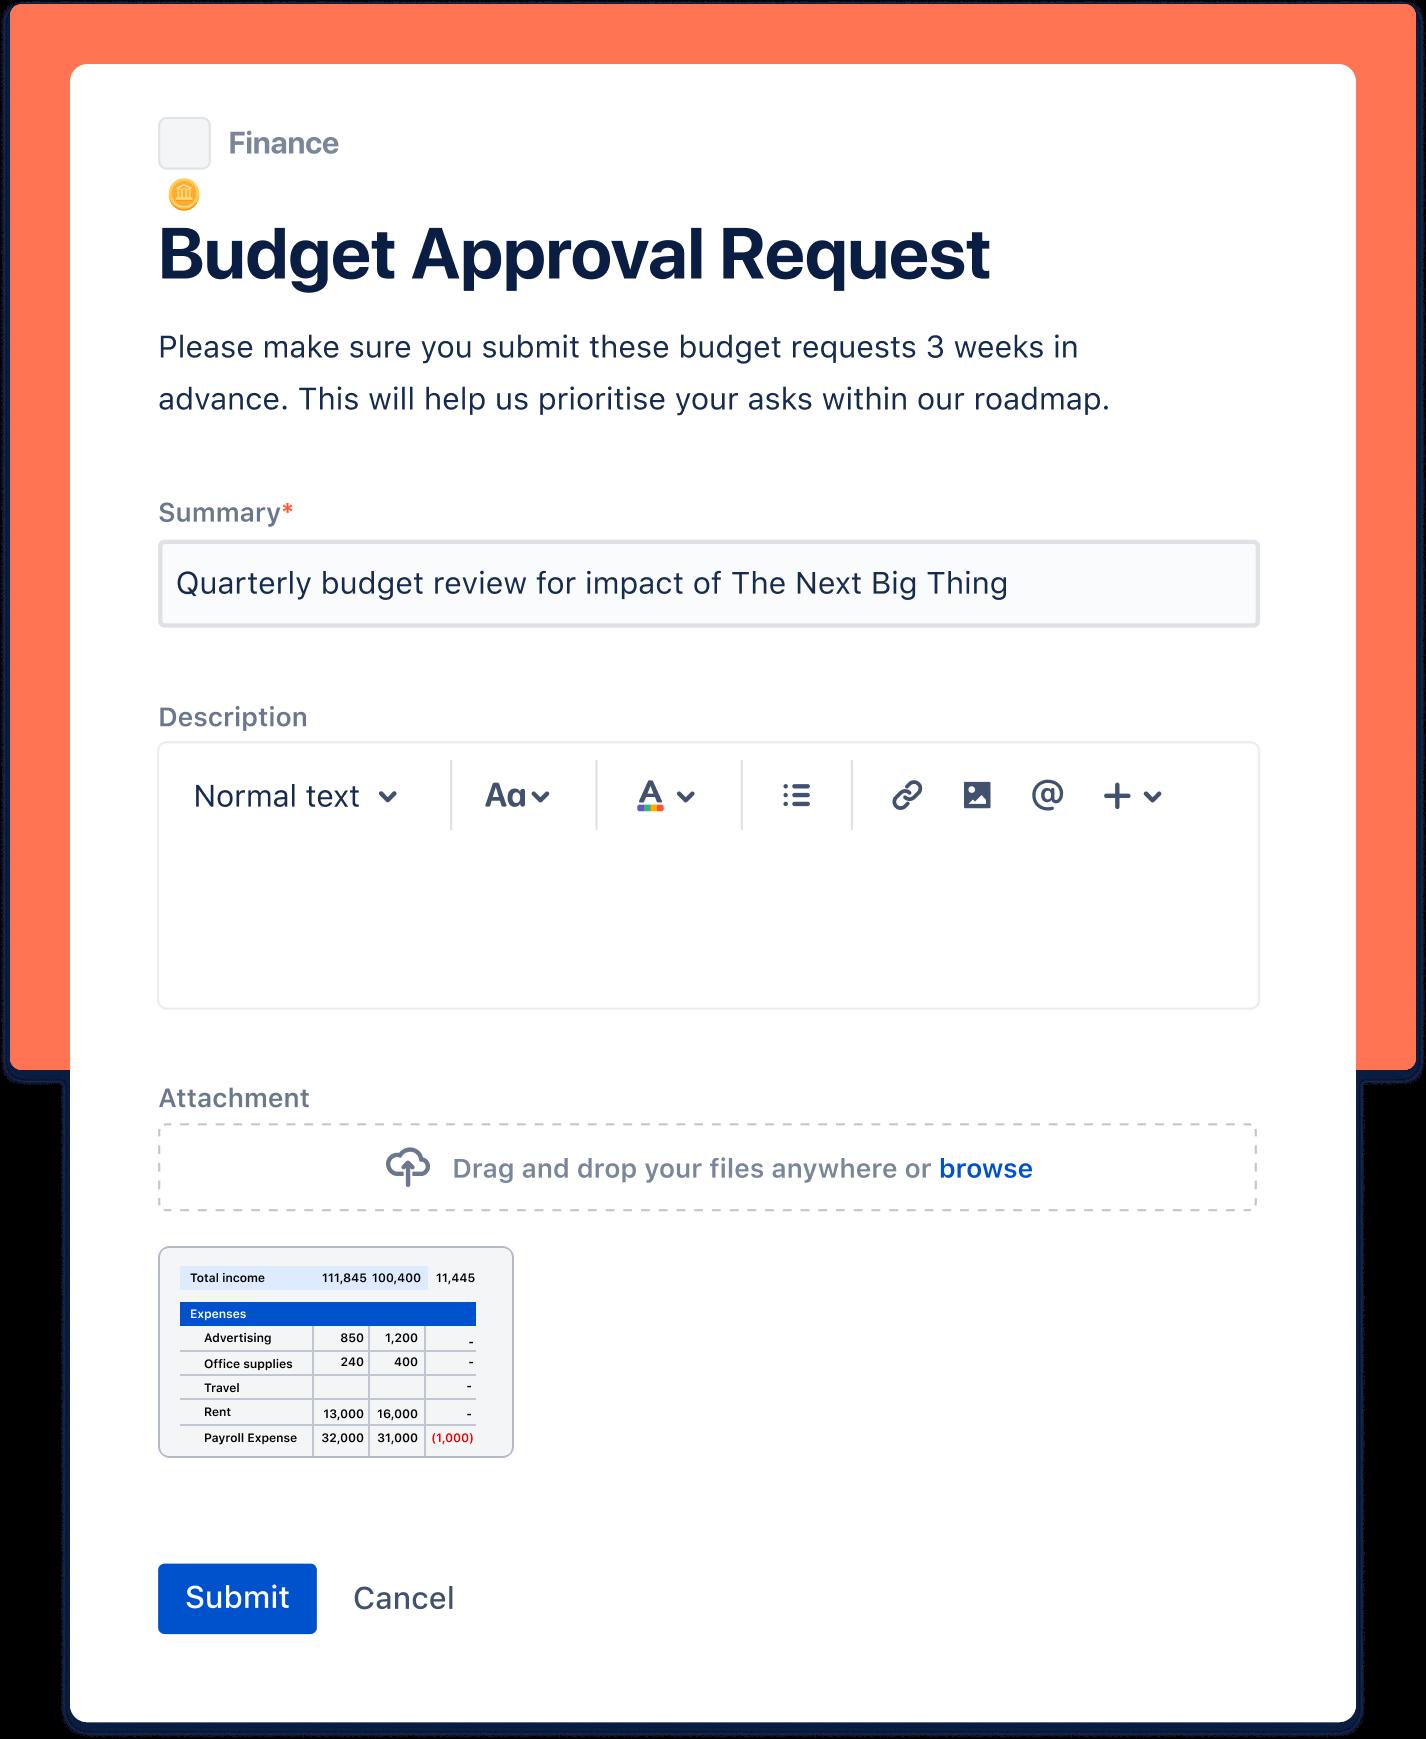 预算批准请求屏幕截图